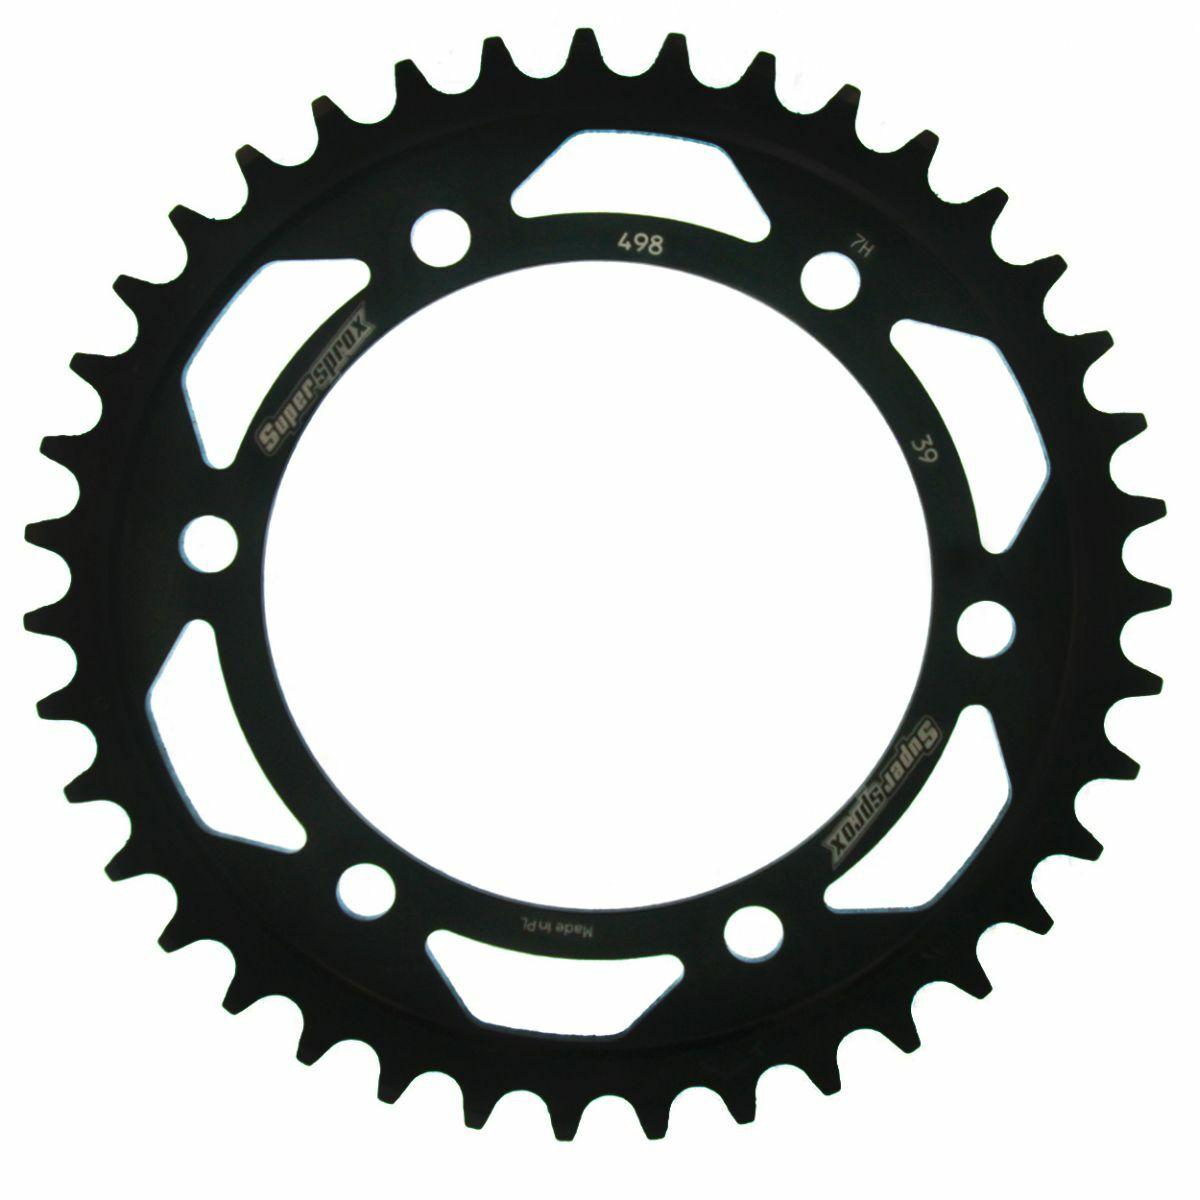 Obrázek produktu Řetězová rozeta SUPERSPROX černý 39 zubů, 525